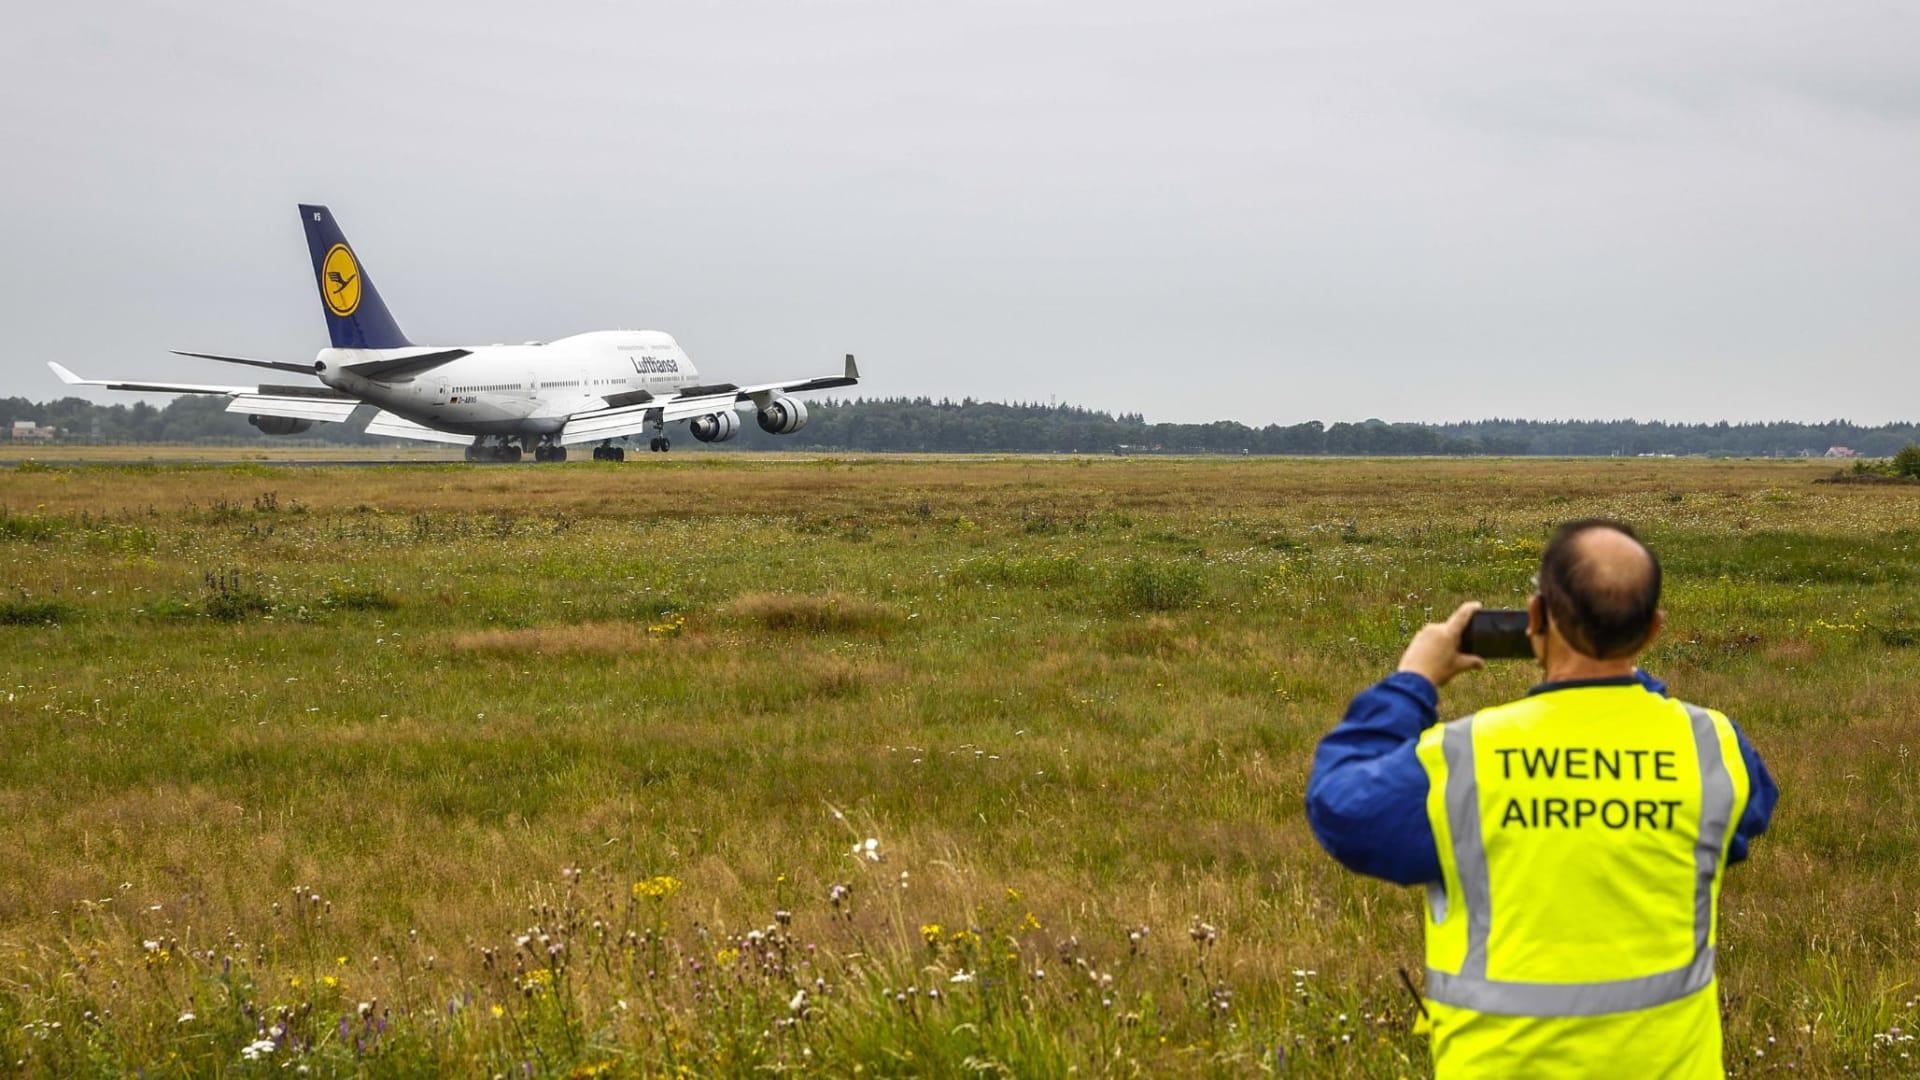 طائرات تحط في مطار هولندي وتُمنع من الخروج.. ما السبب؟